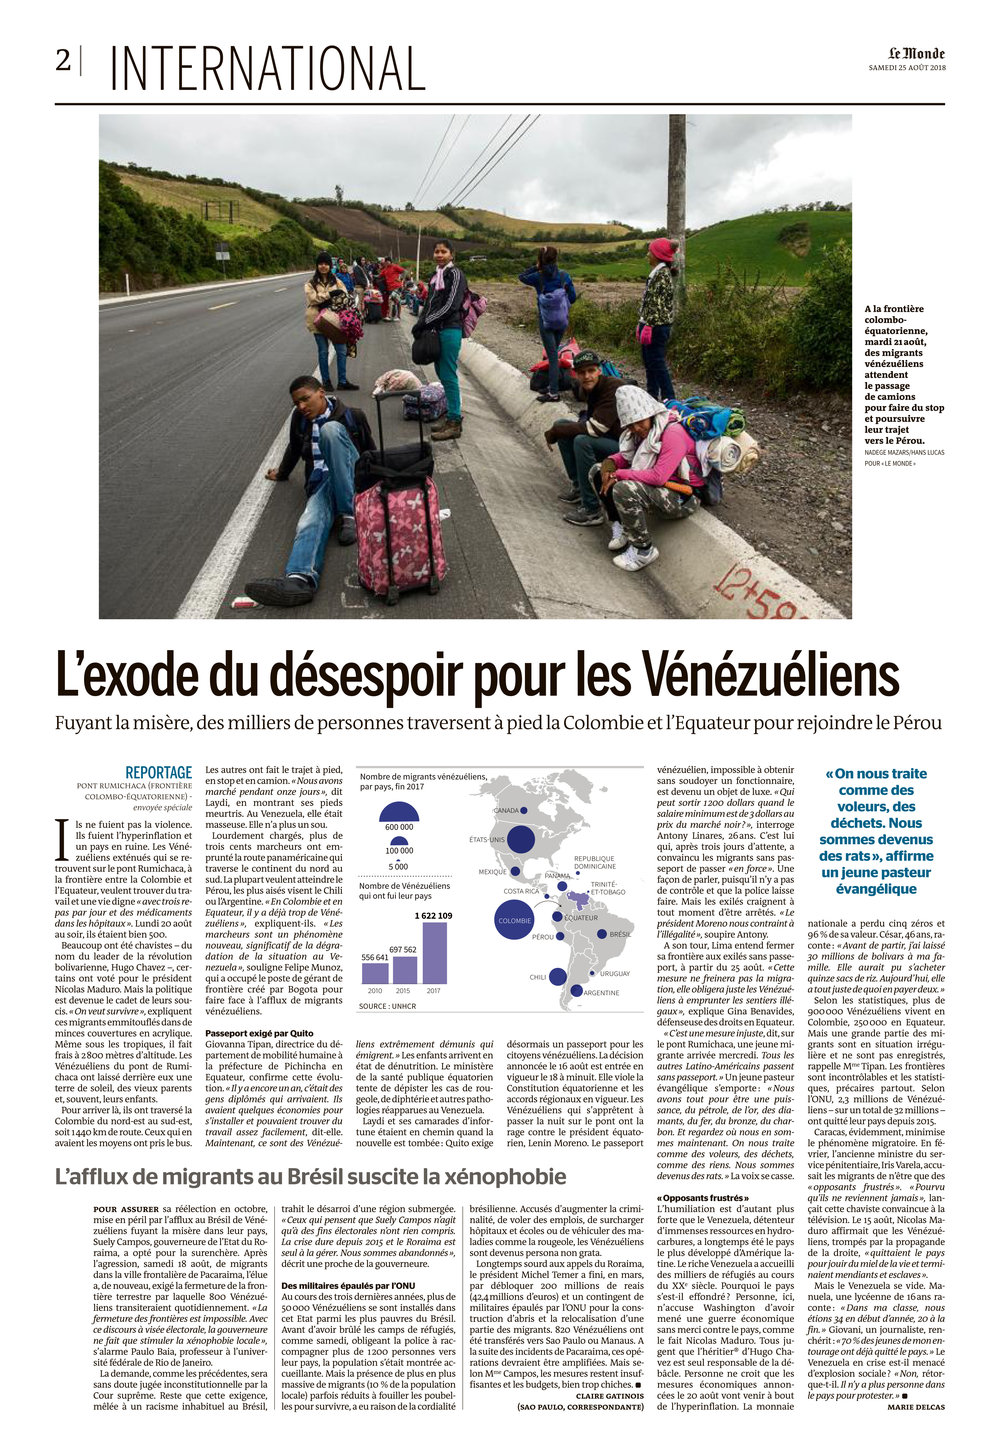 venezuelan_migrants_Le_Monde_2